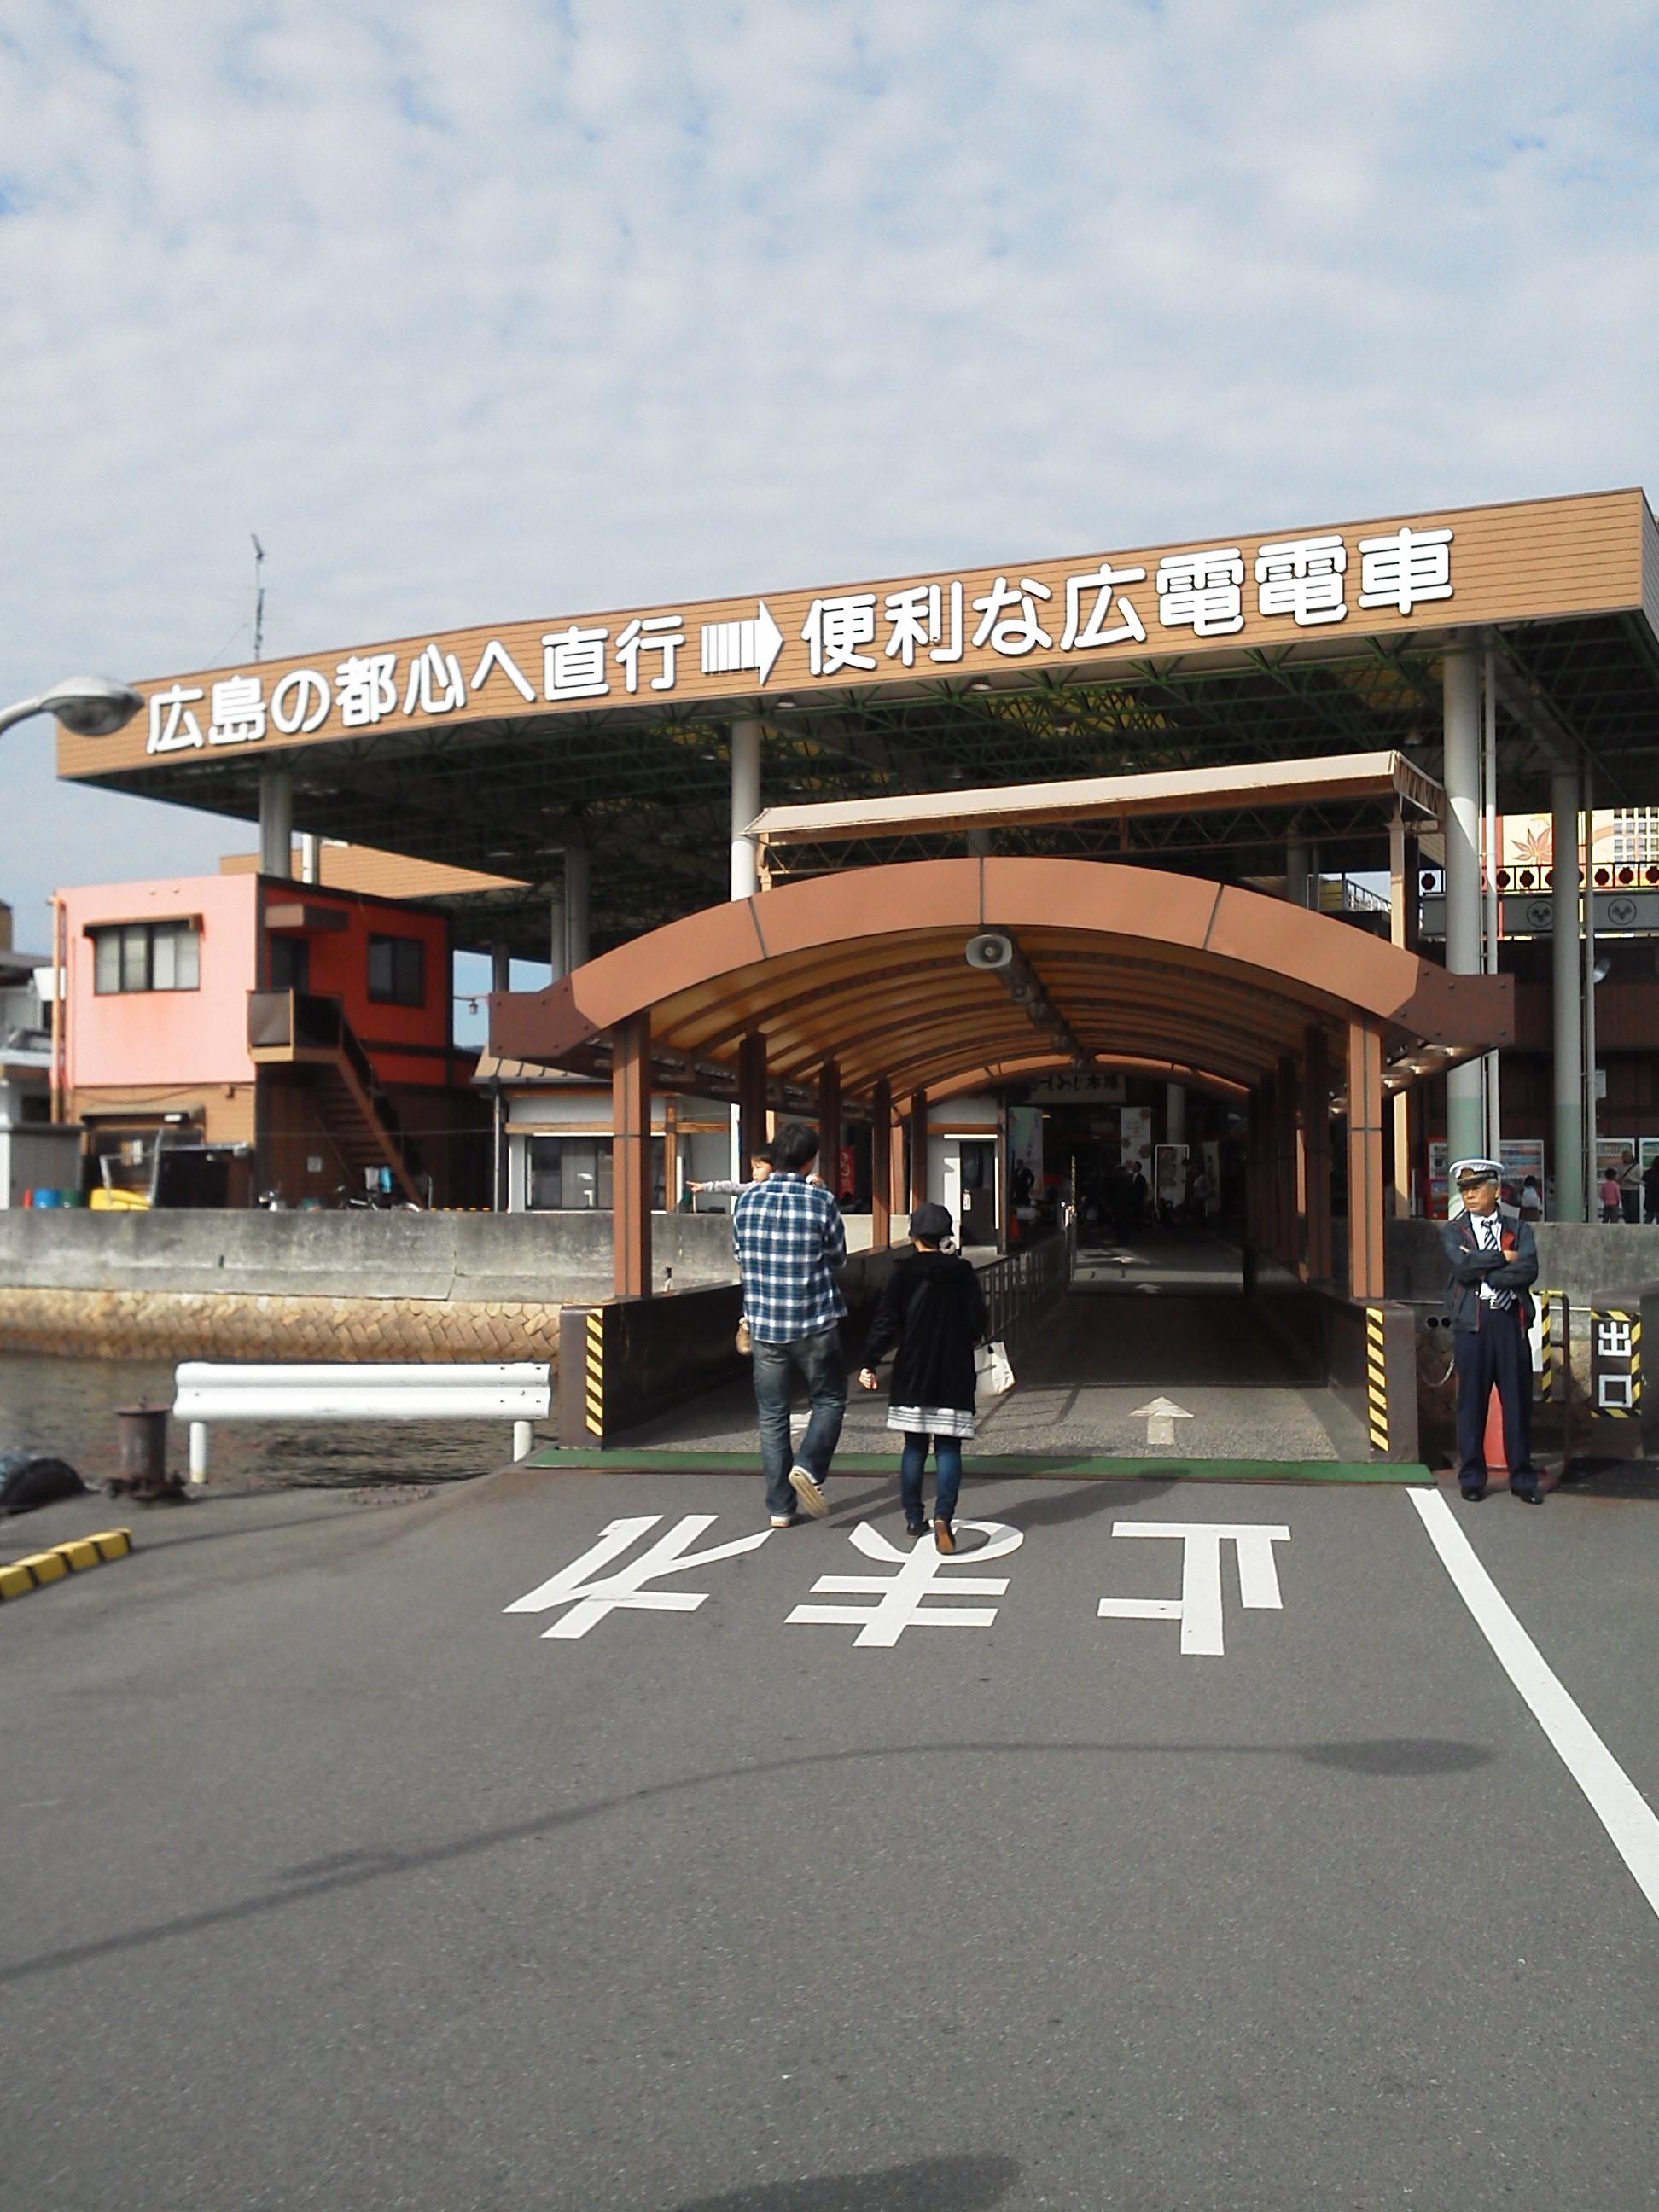 広島電鉄は広島の都心に便利